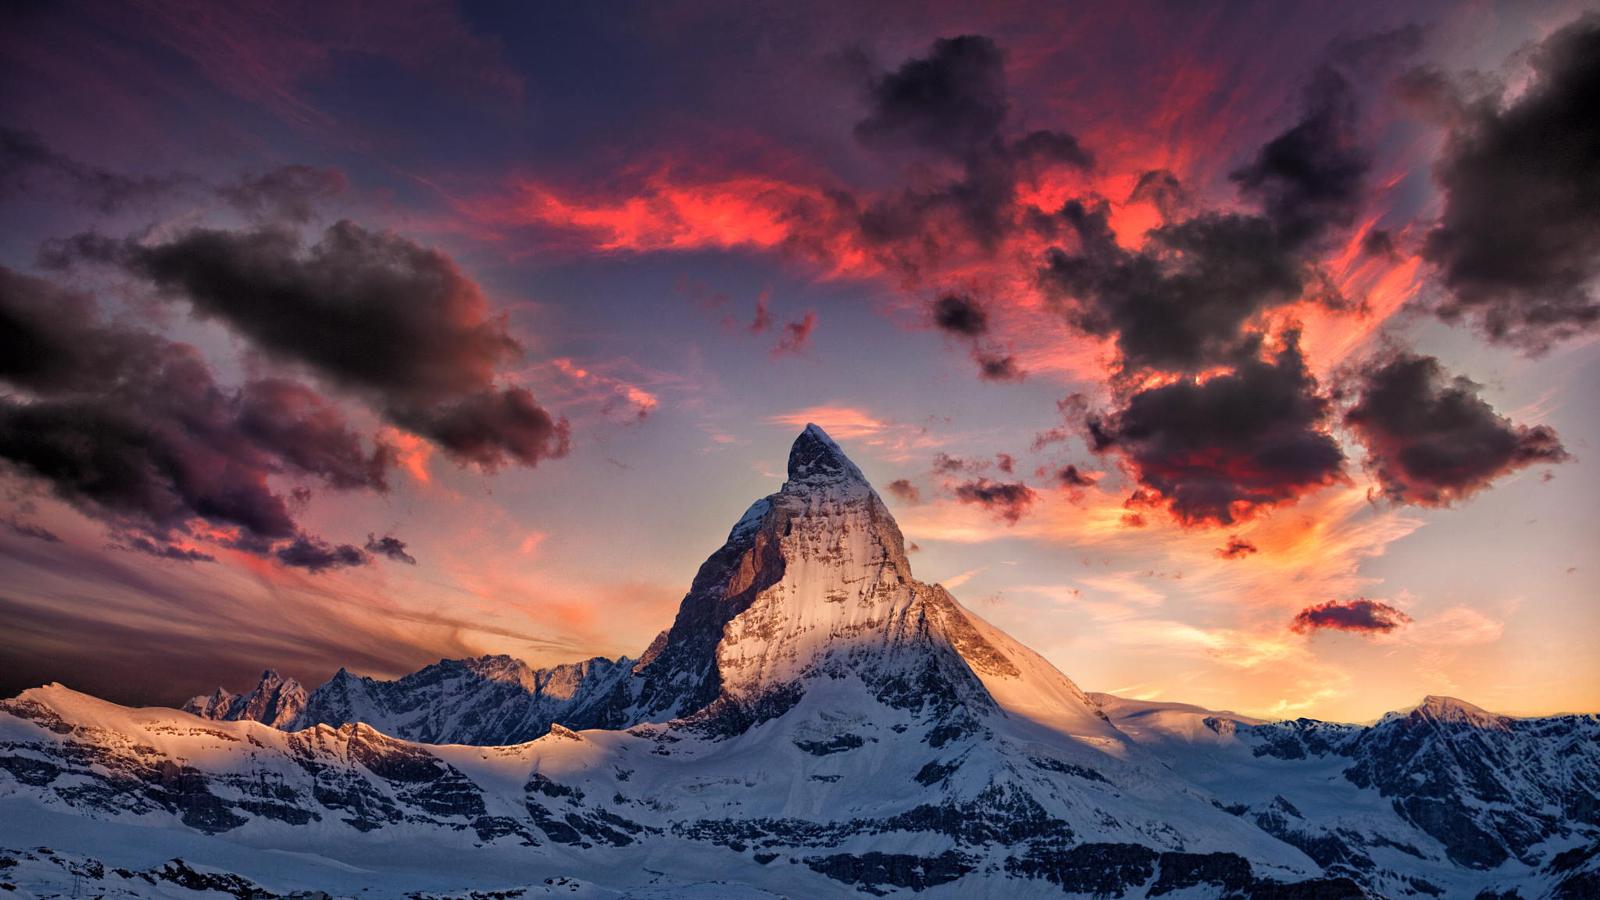 Самое интересное : Насыщенная жизнь животных на фотографиях